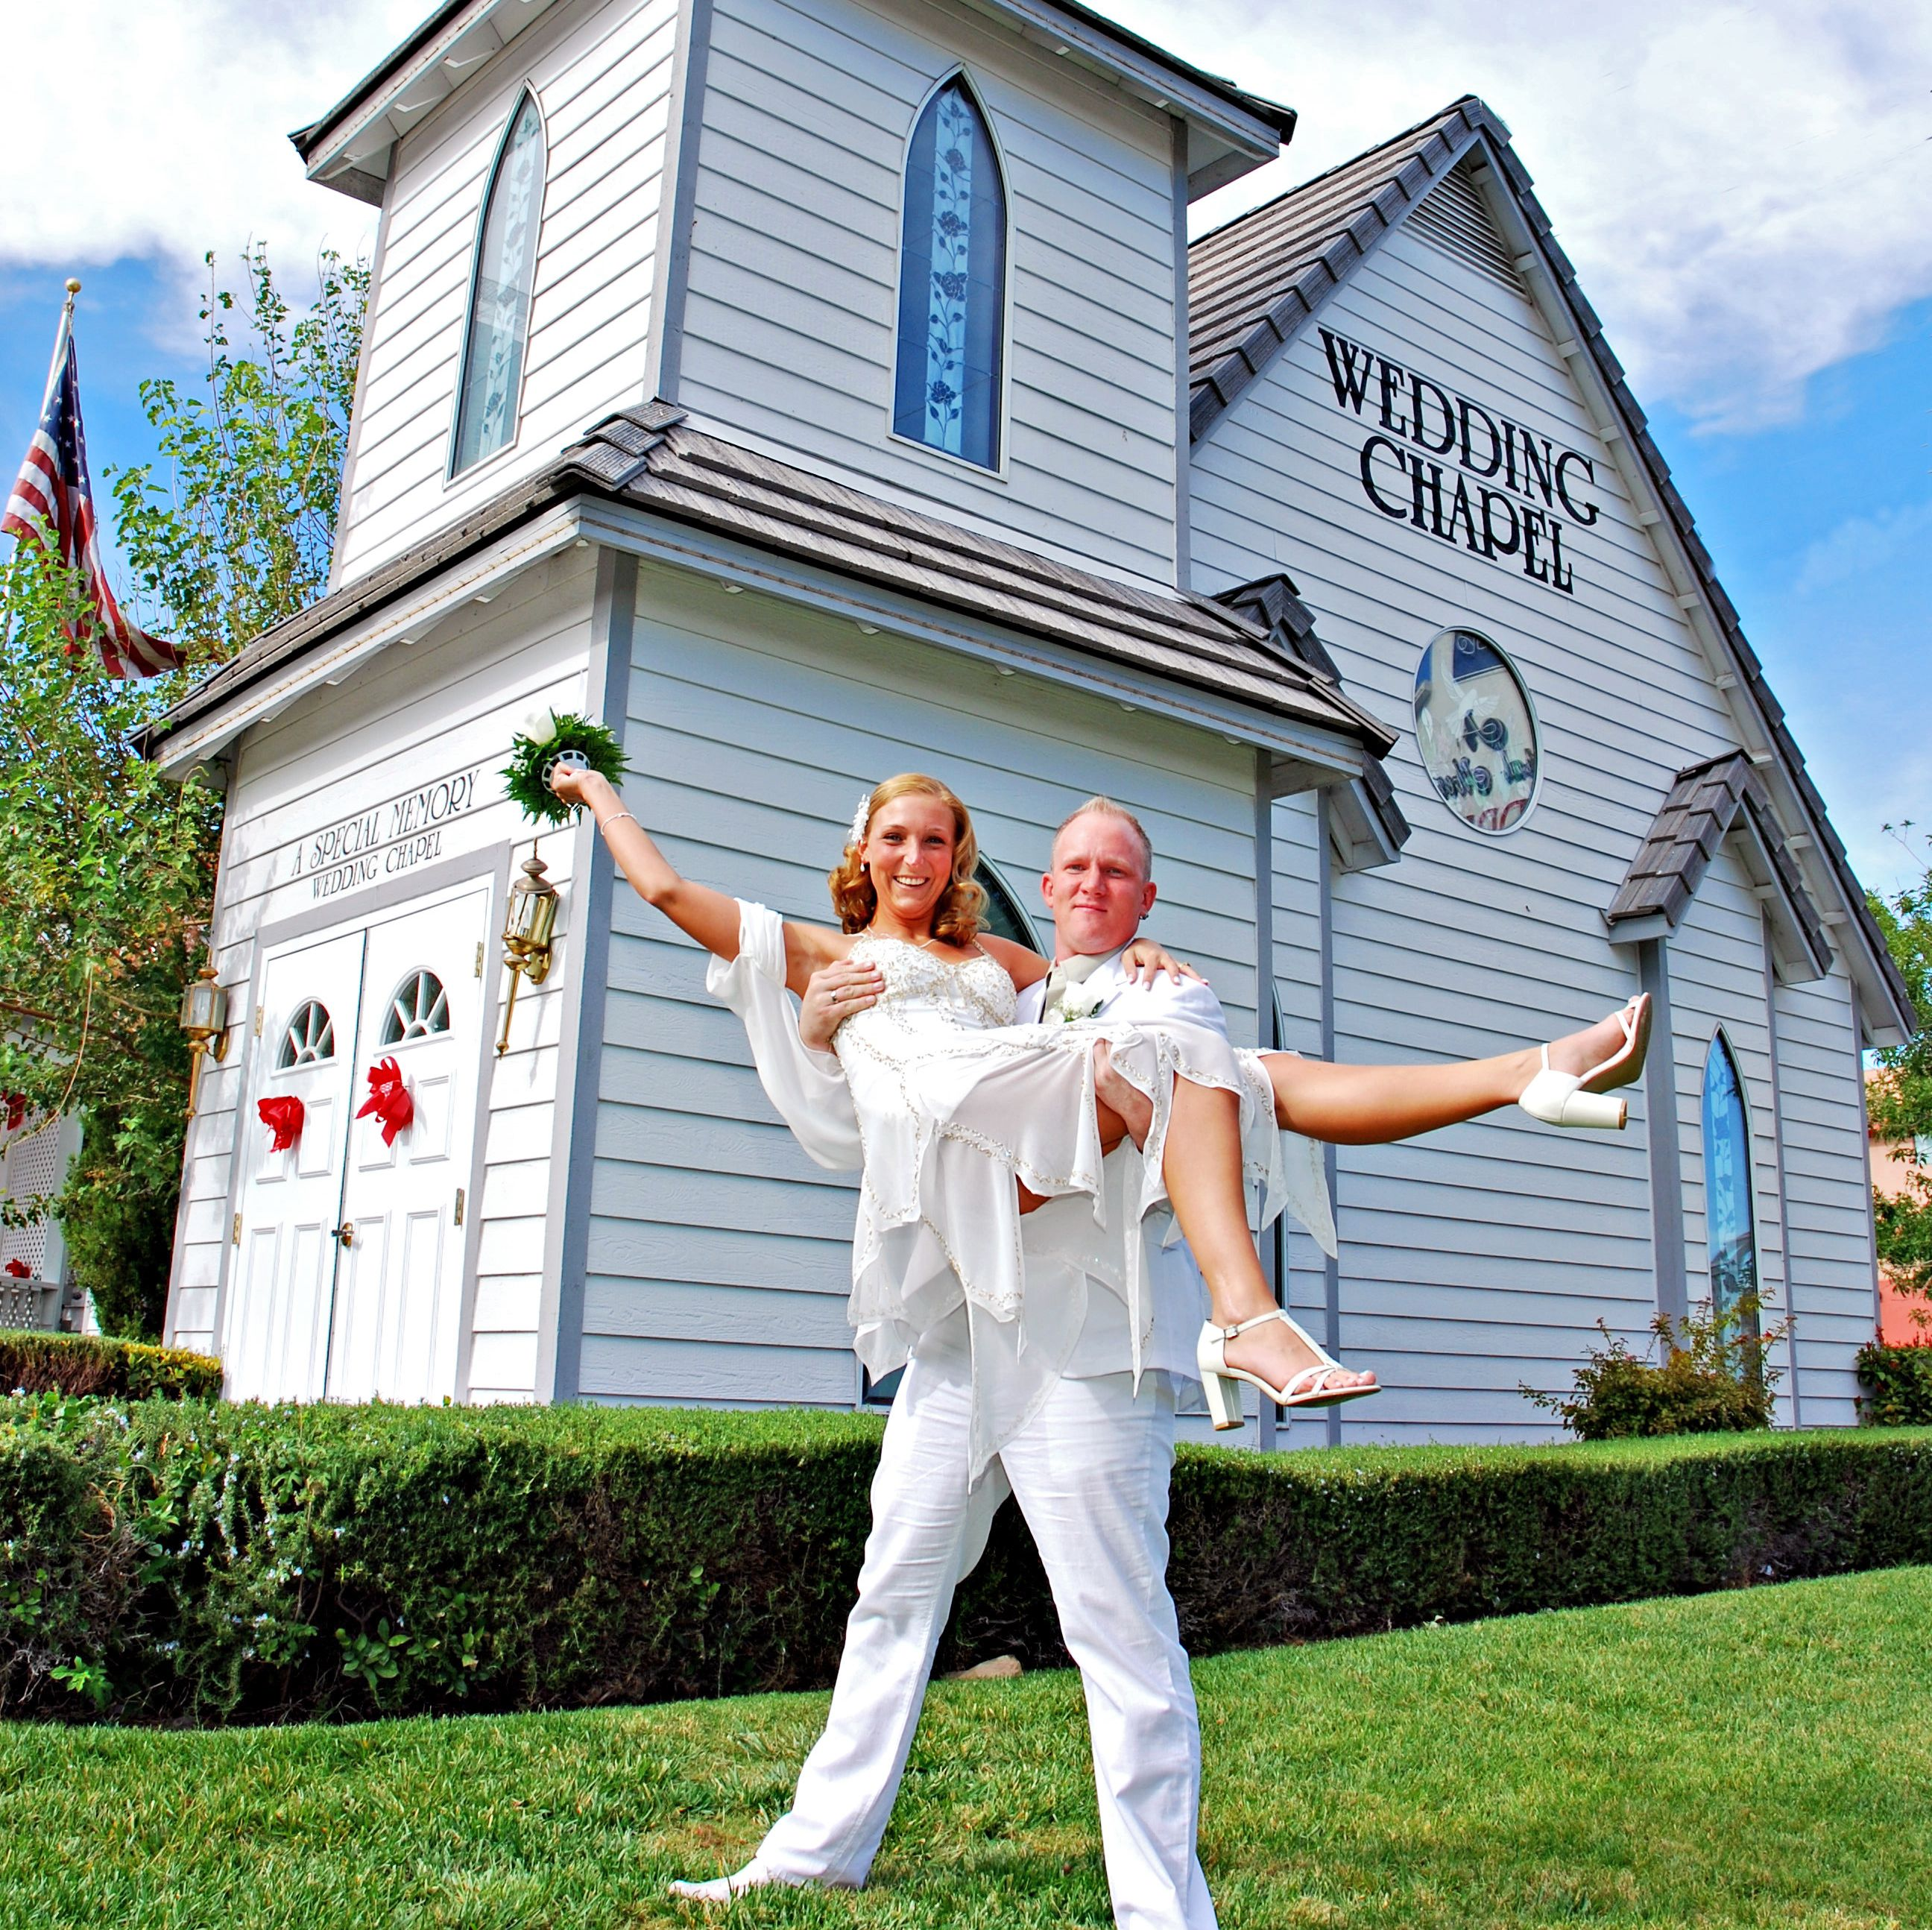 Heiraten In Las Vegas Mit Flug Und Hotel